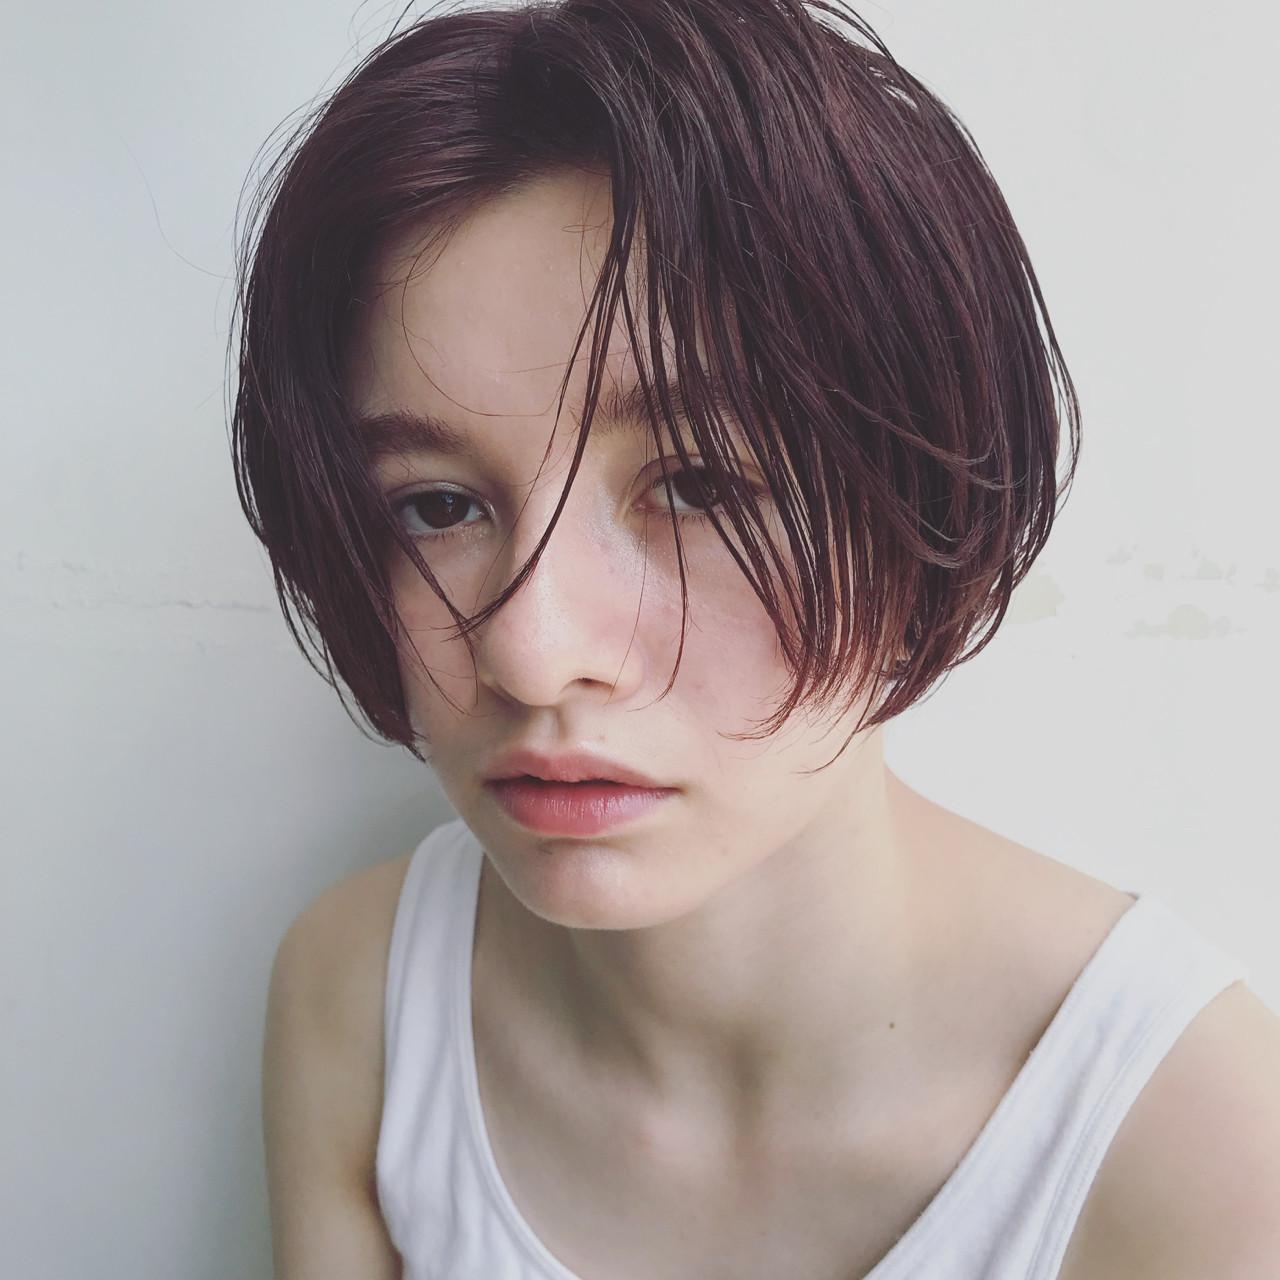 大人かわいい ゆるふわ ナチュラル ストレート ヘアスタイルや髪型の写真・画像 | 馬橋達佳 / log